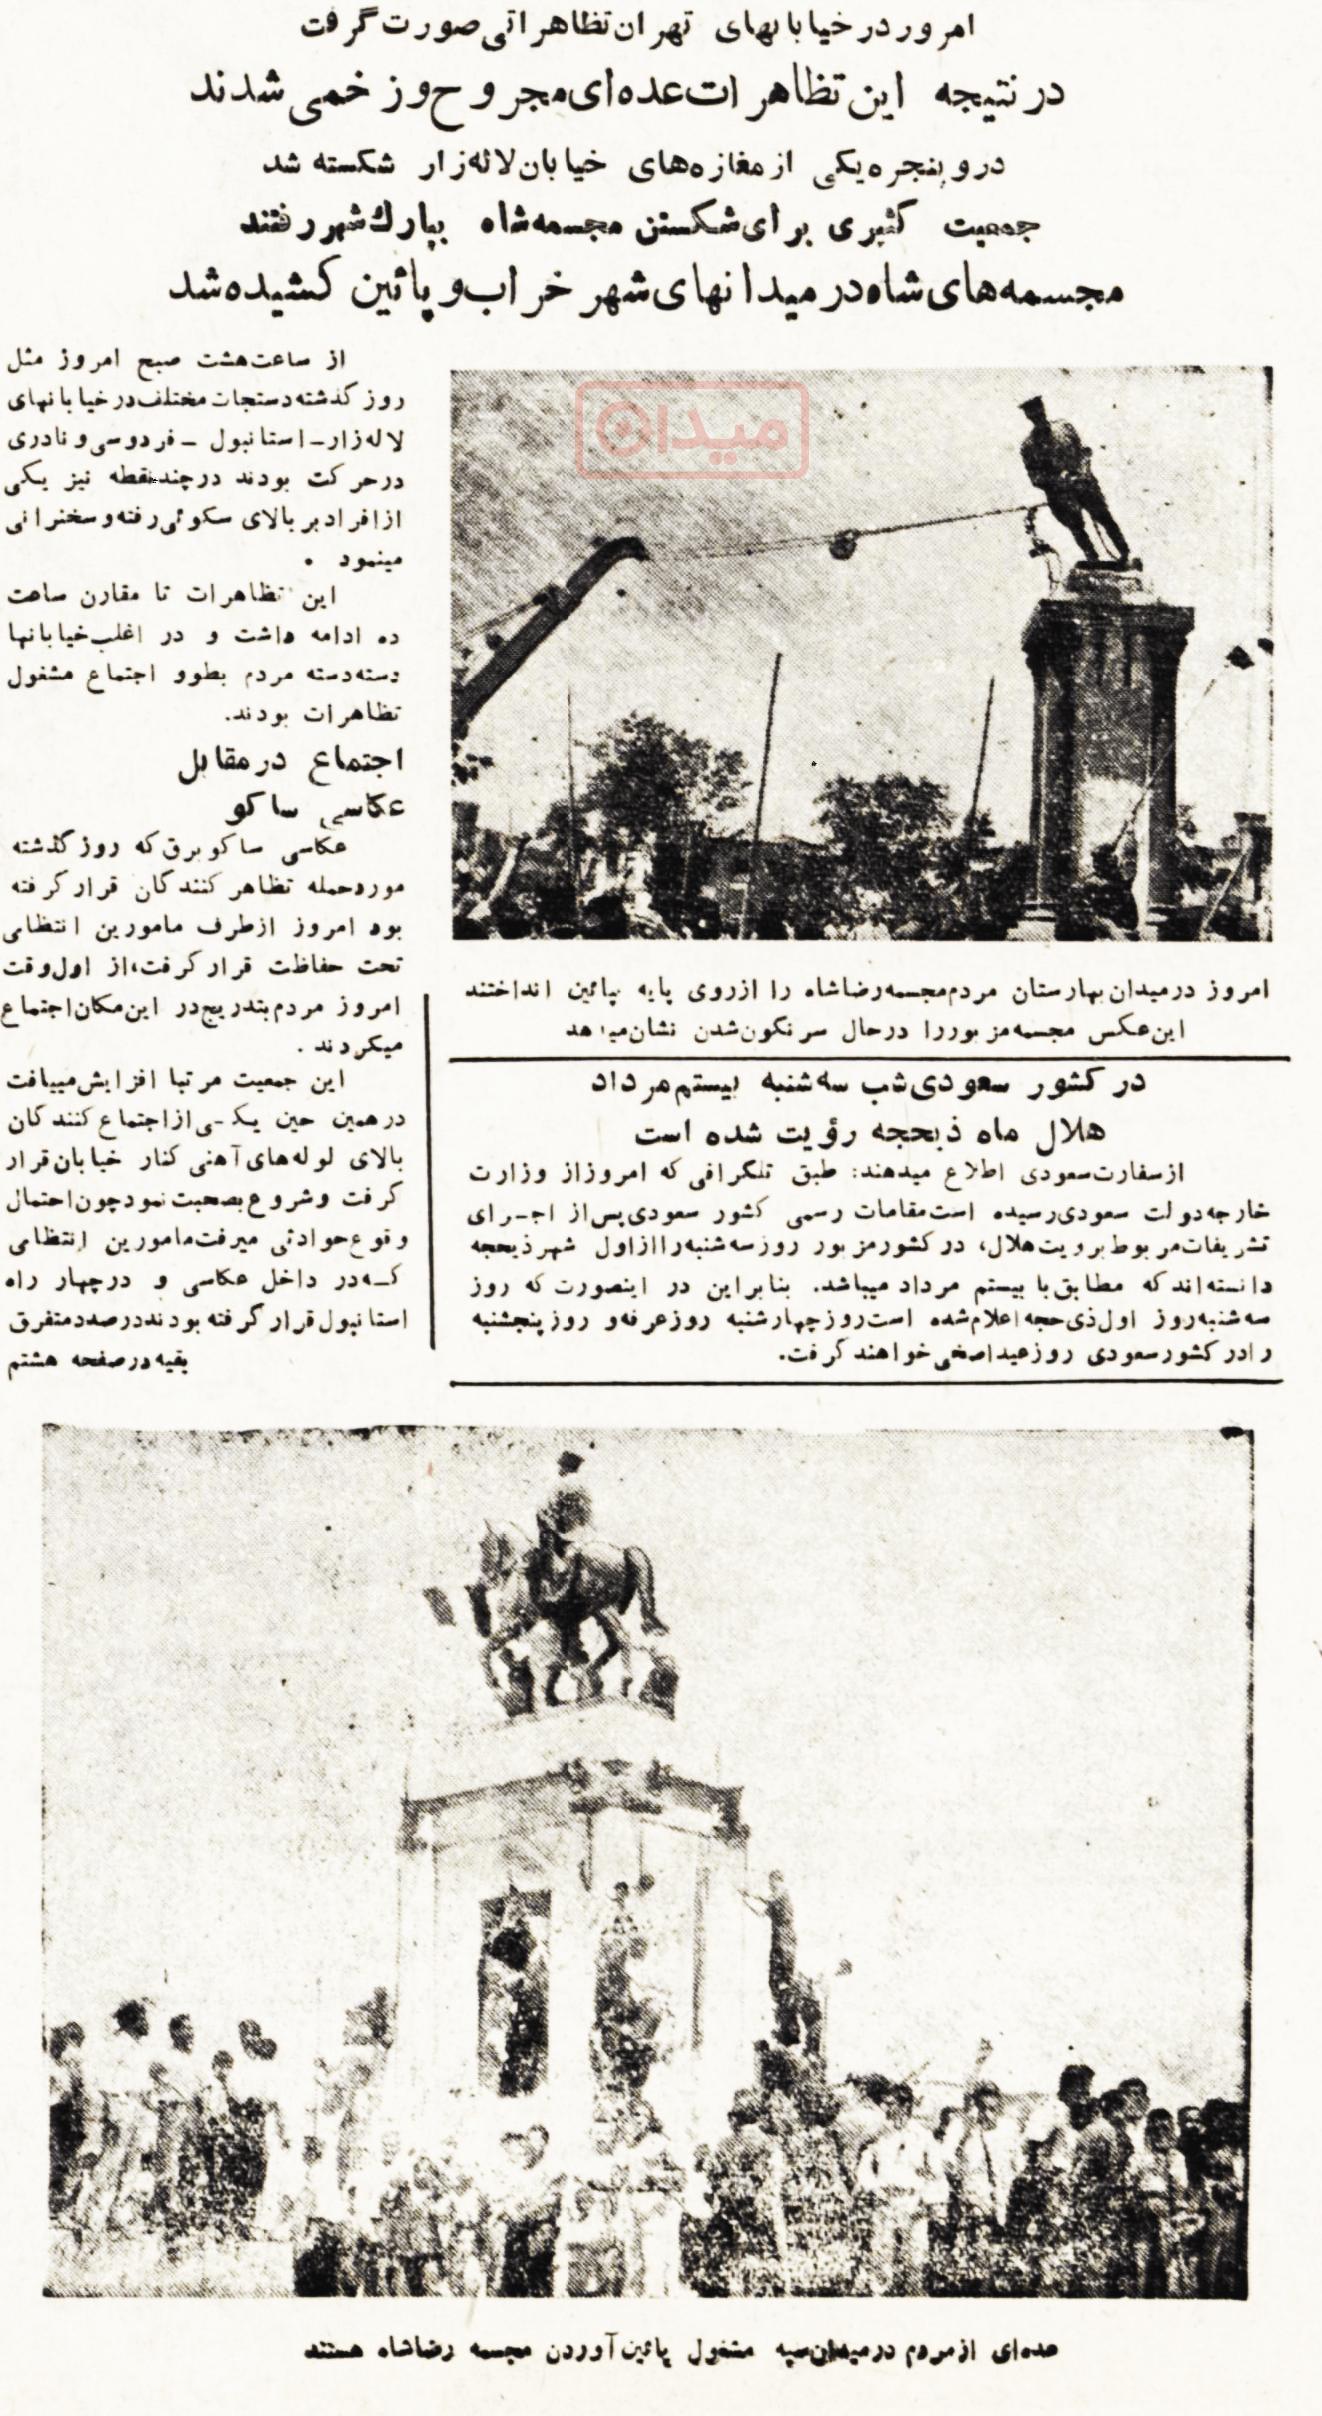 مرداد ۳۲: پایین کشیده شدن مجسمههای شاه و پدرش در تهران